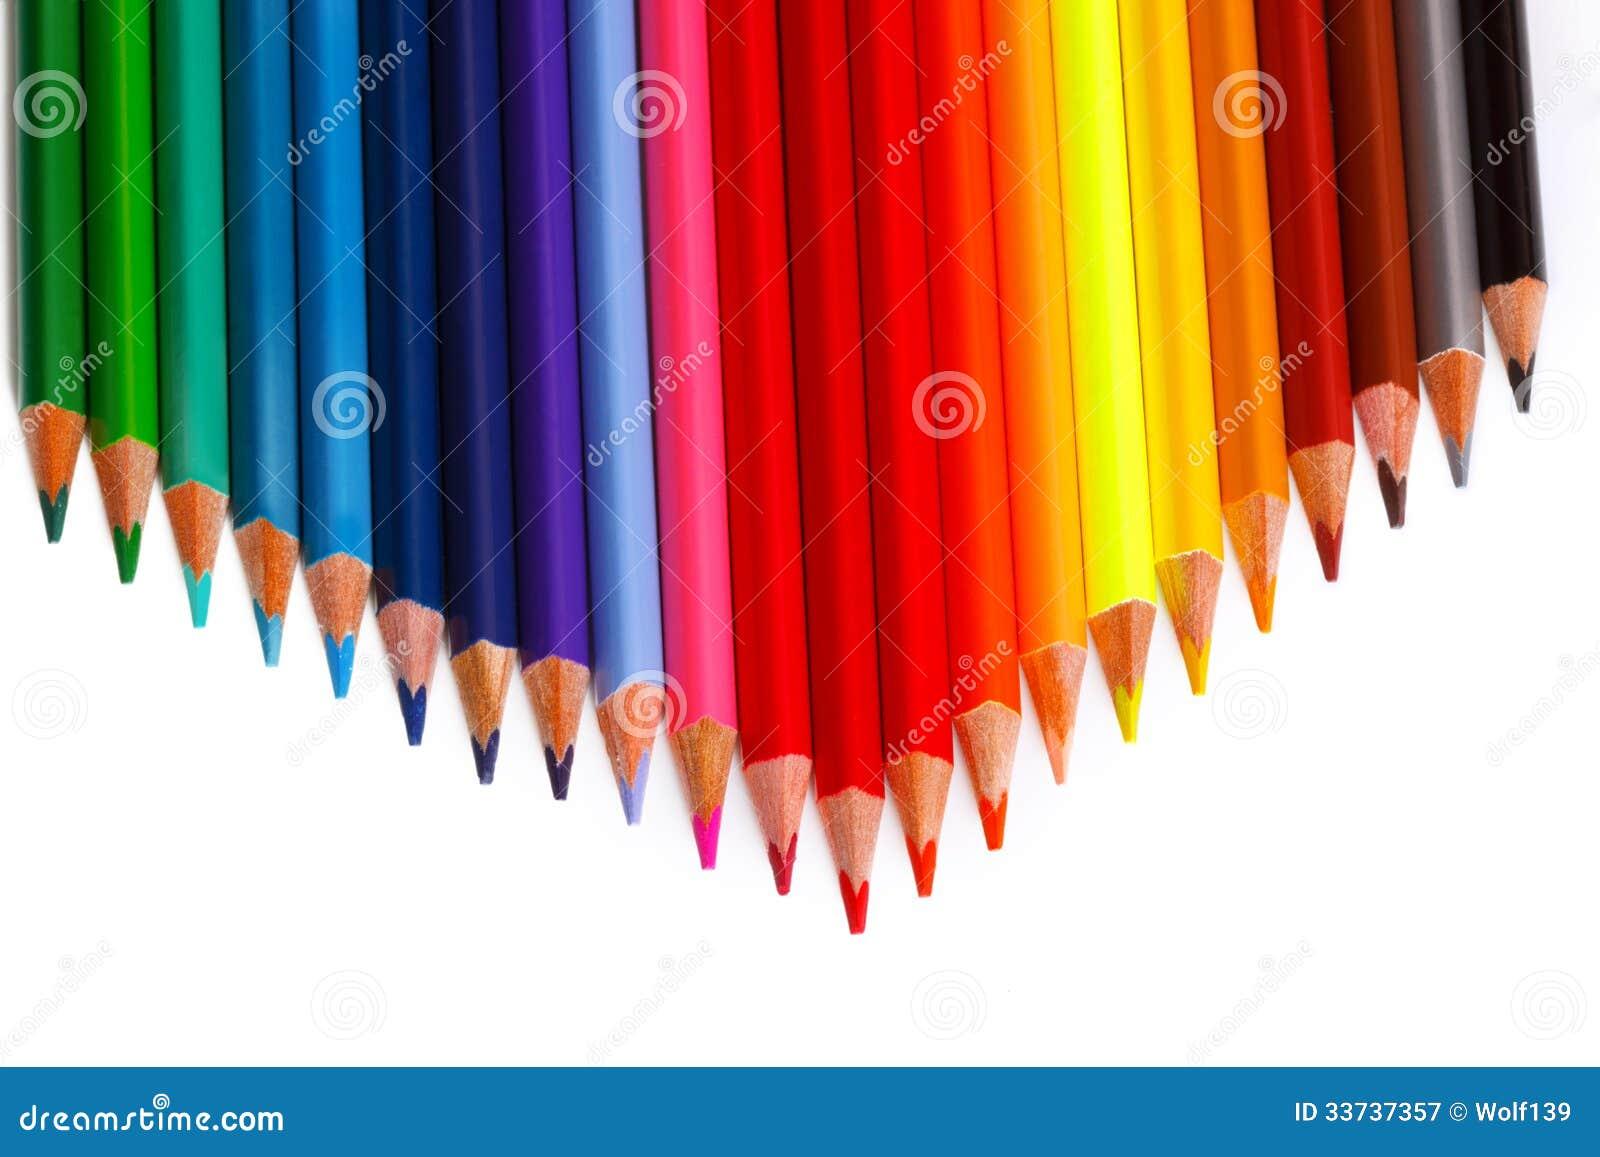 Много покрашенных карандашей